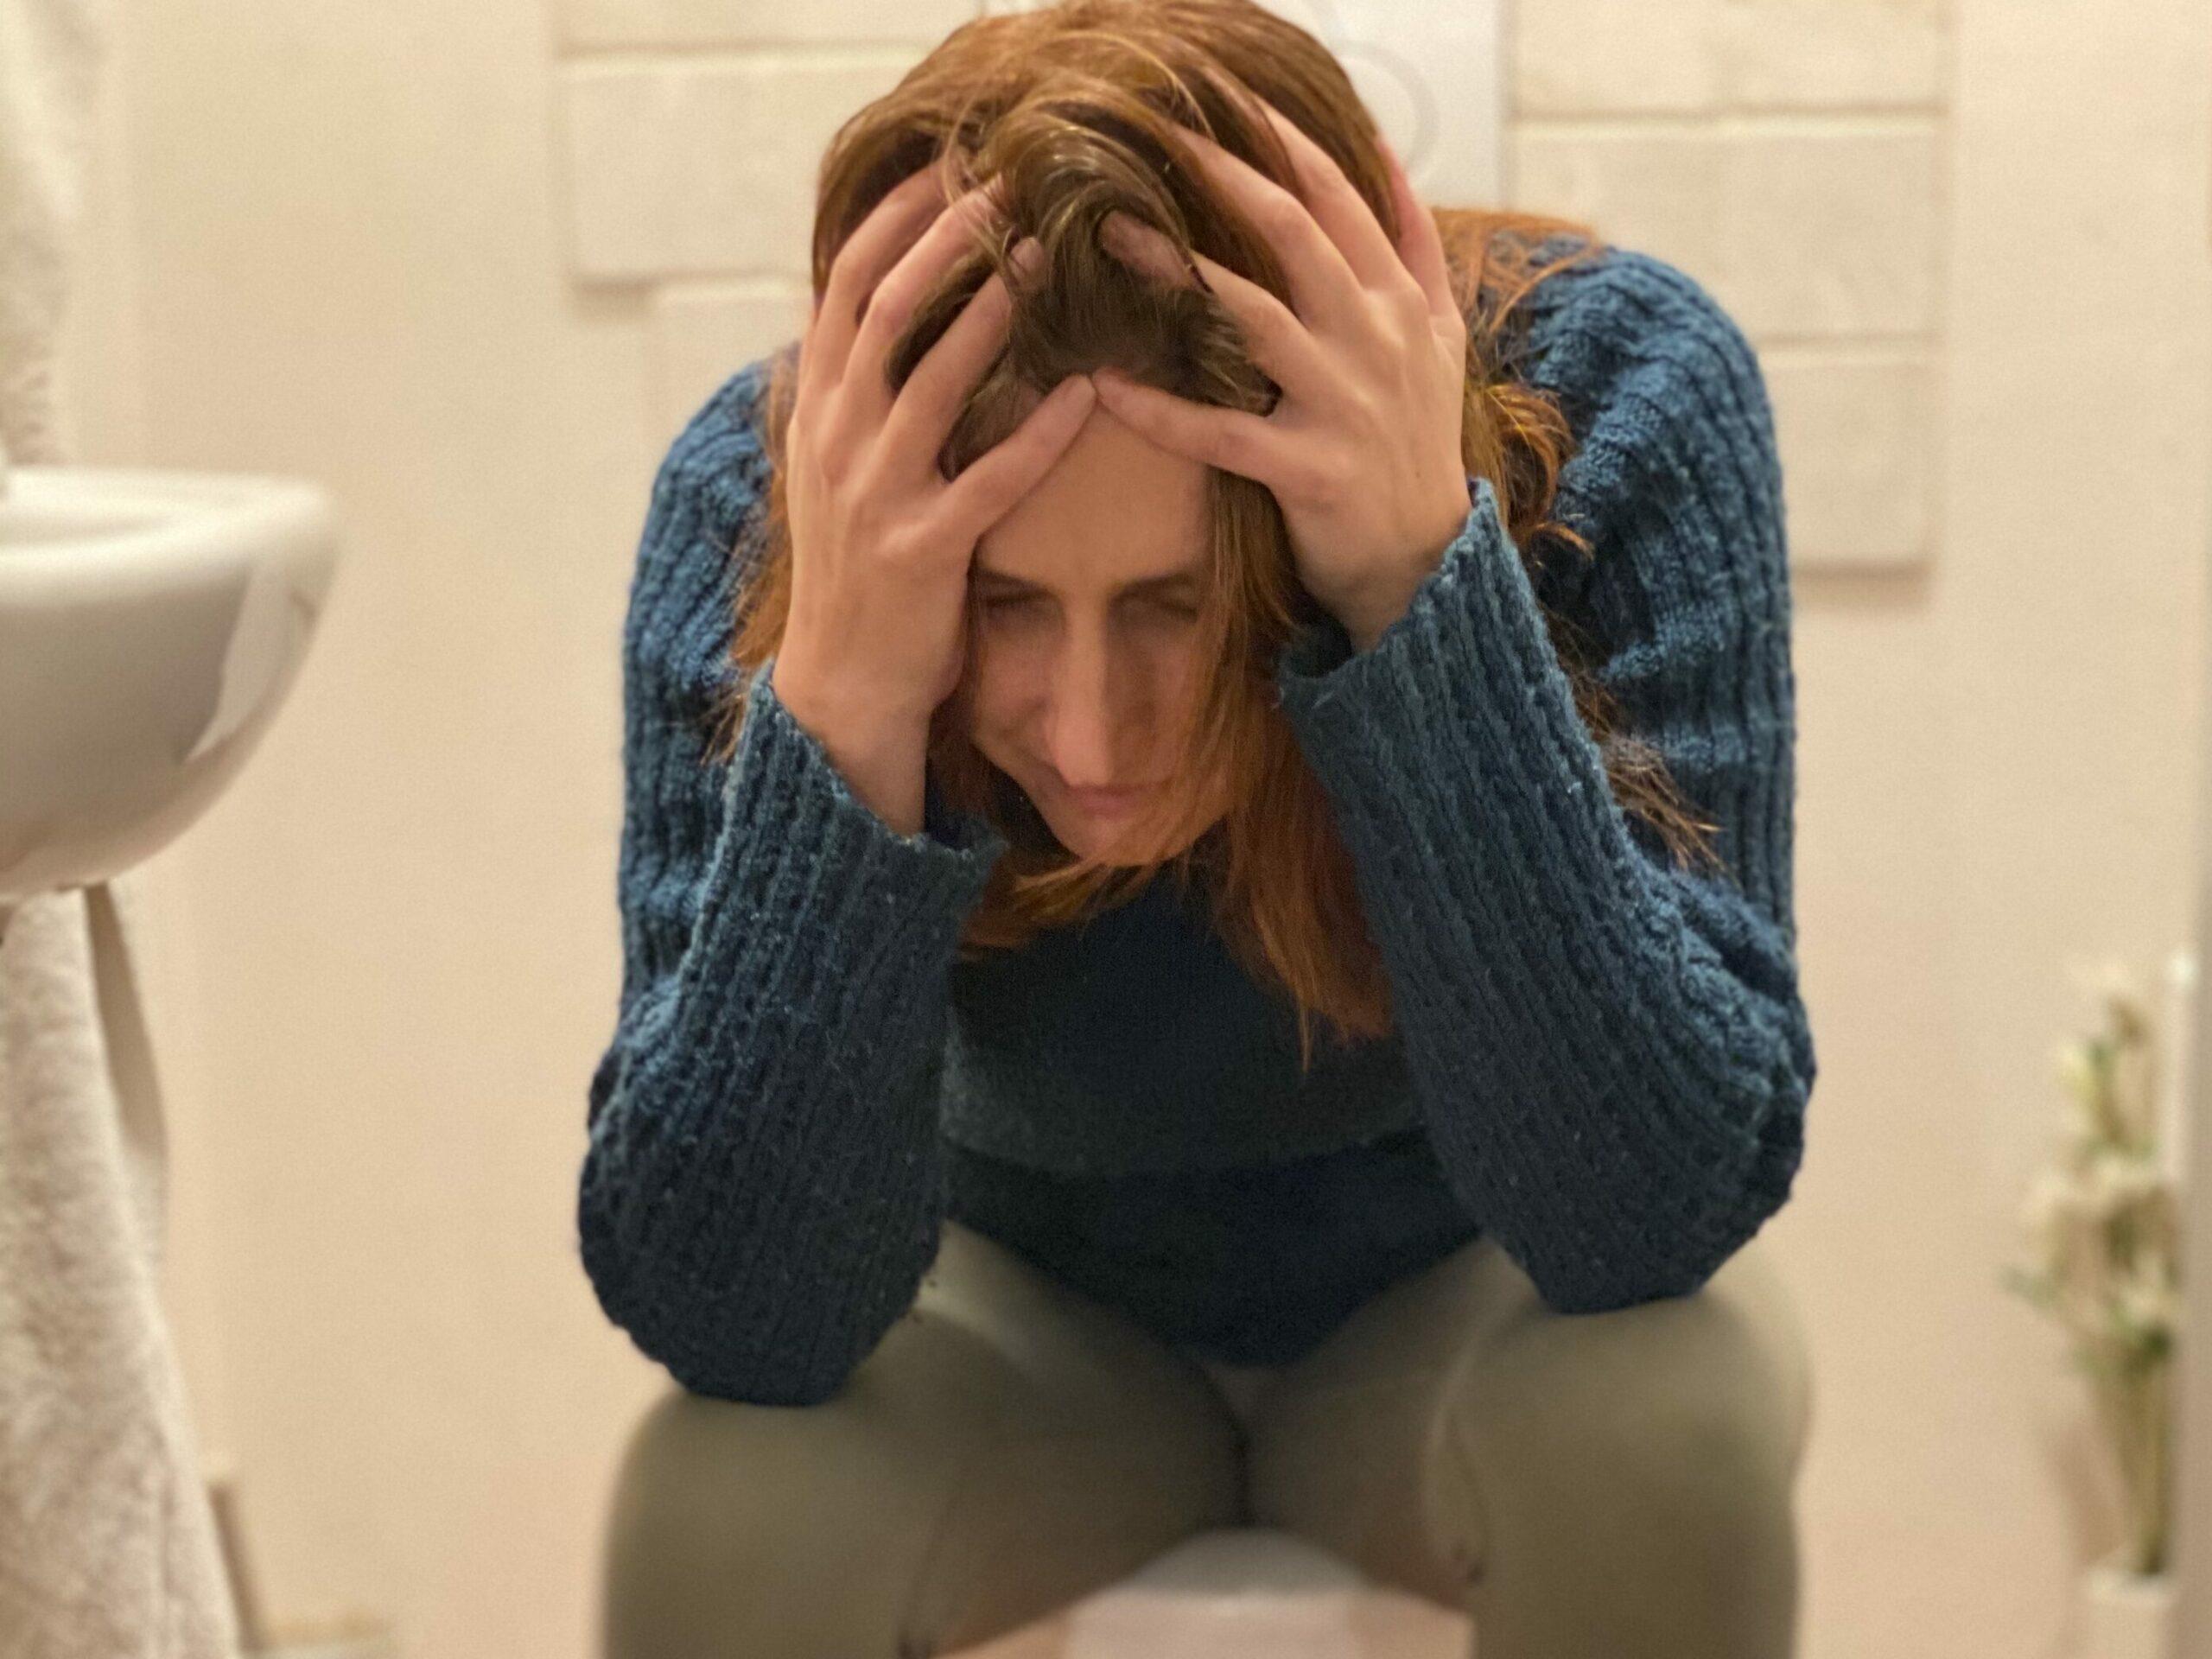 Toaleta je místo, kde se dá provádět jakákoli protistresová dechová technika.